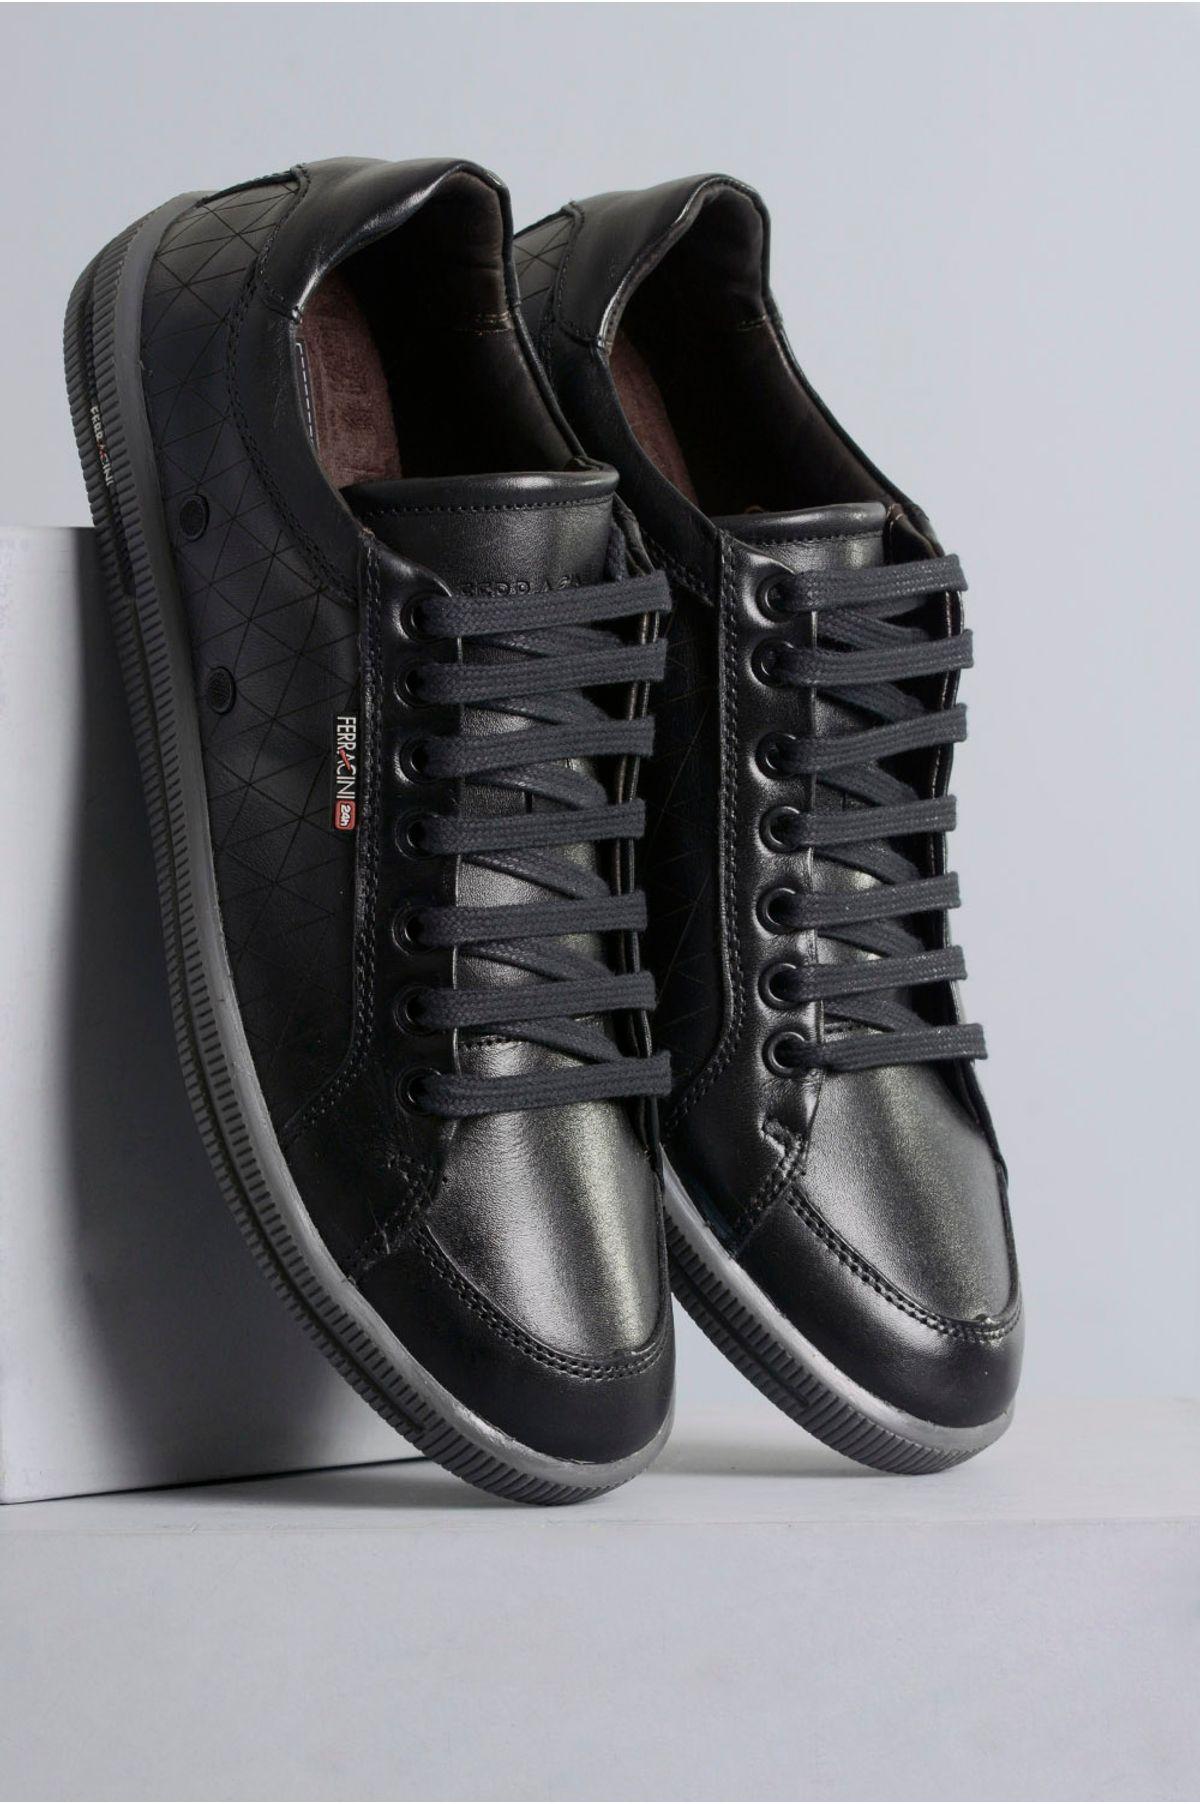 eb143f20b Sapatênis Masculino Ferracini Soho CR-PRETO - Mundial Calçados